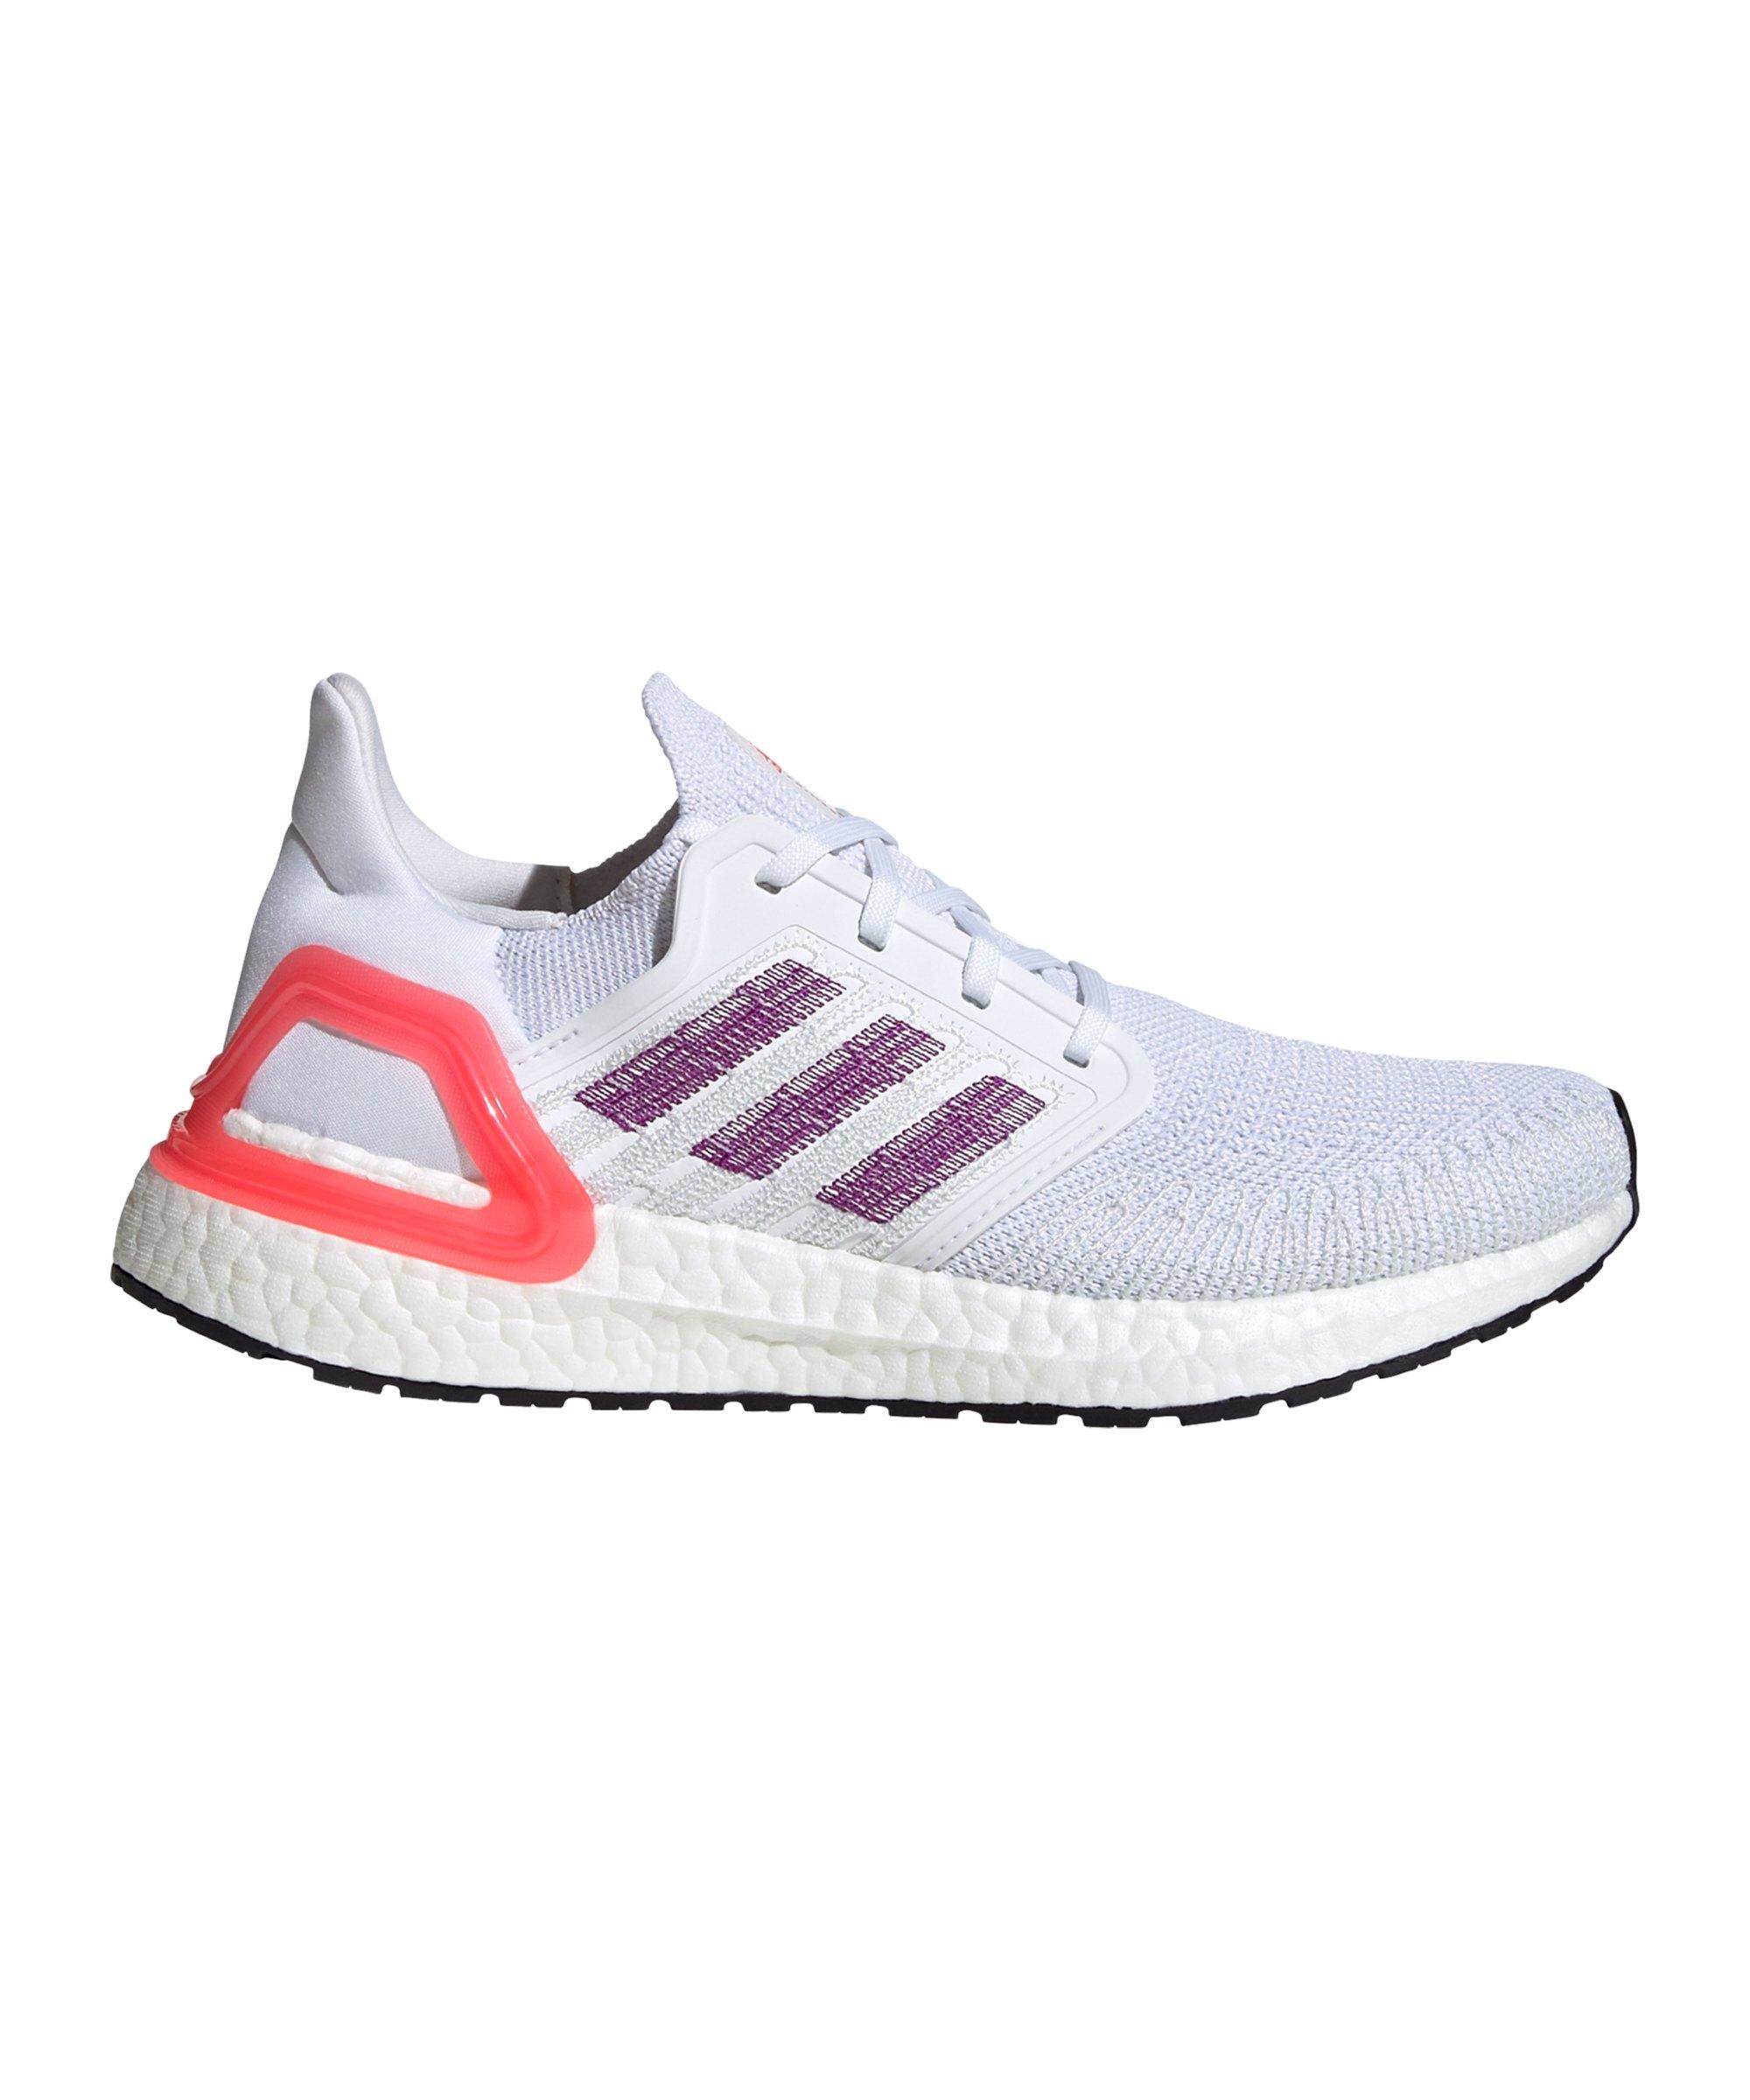 adidas Ultraboost 20 Running Damen Weiss Pink - weiss